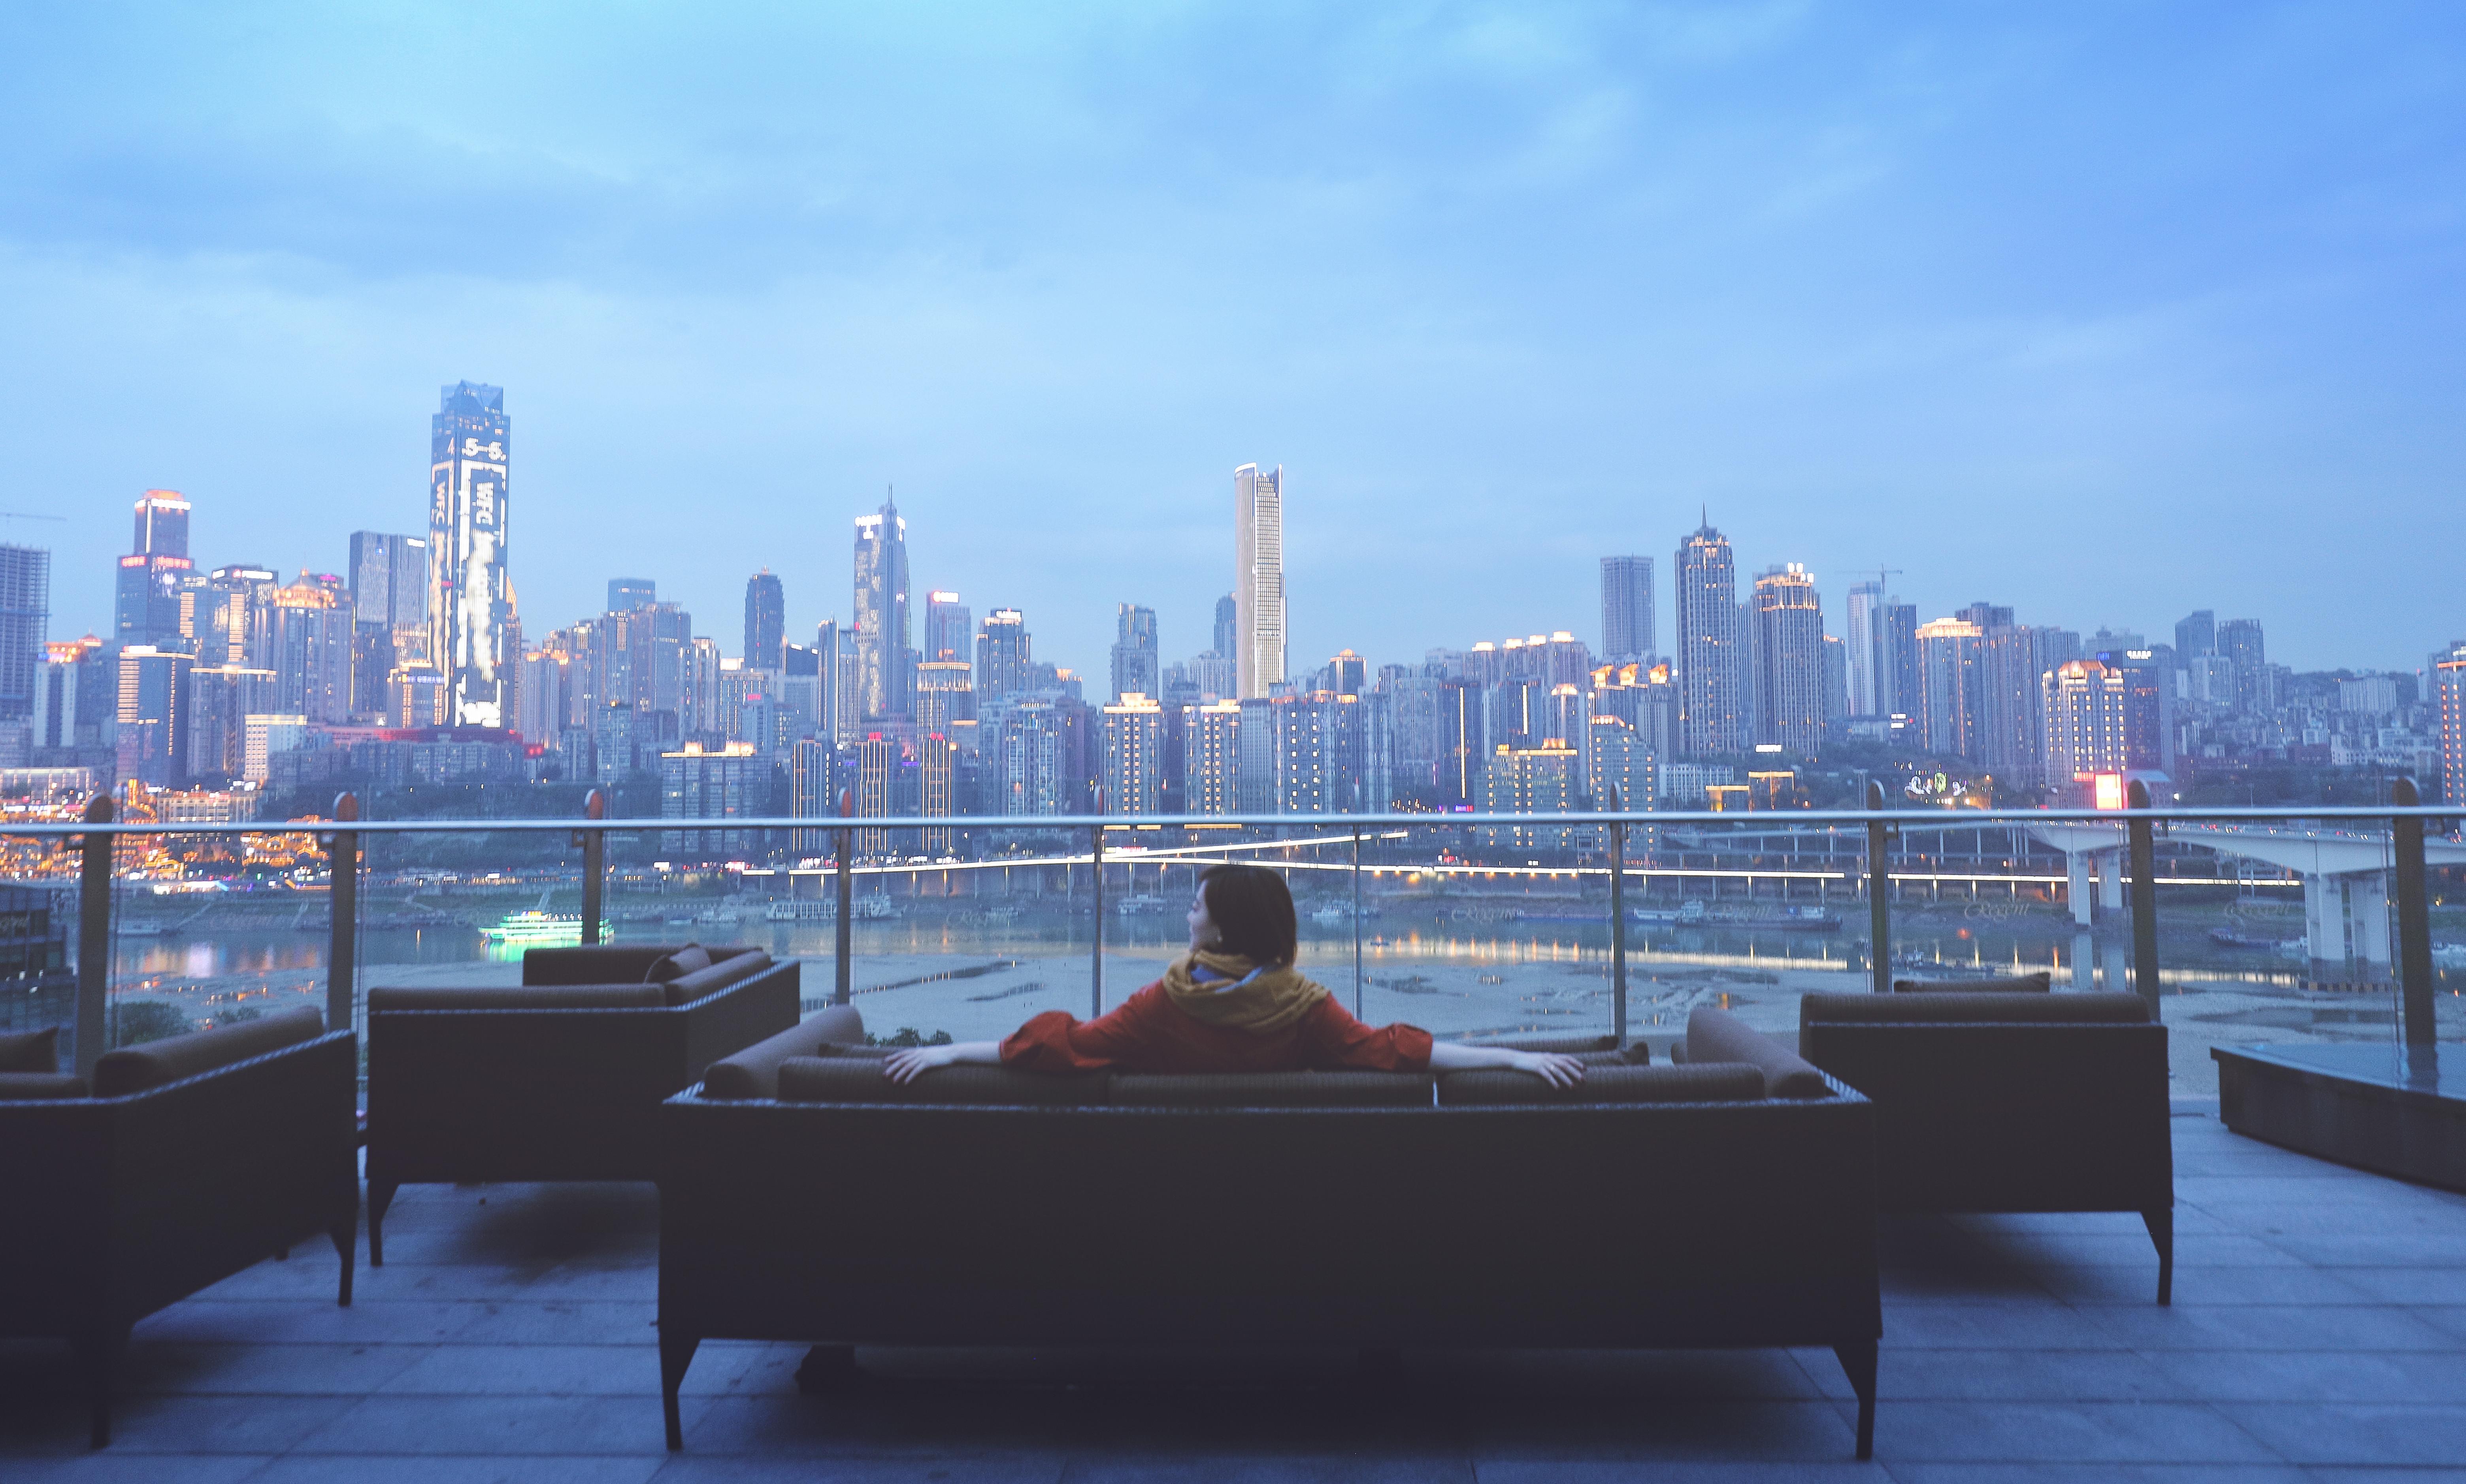 旅宿重庆,最懂重庆文化的酒店是哪家?